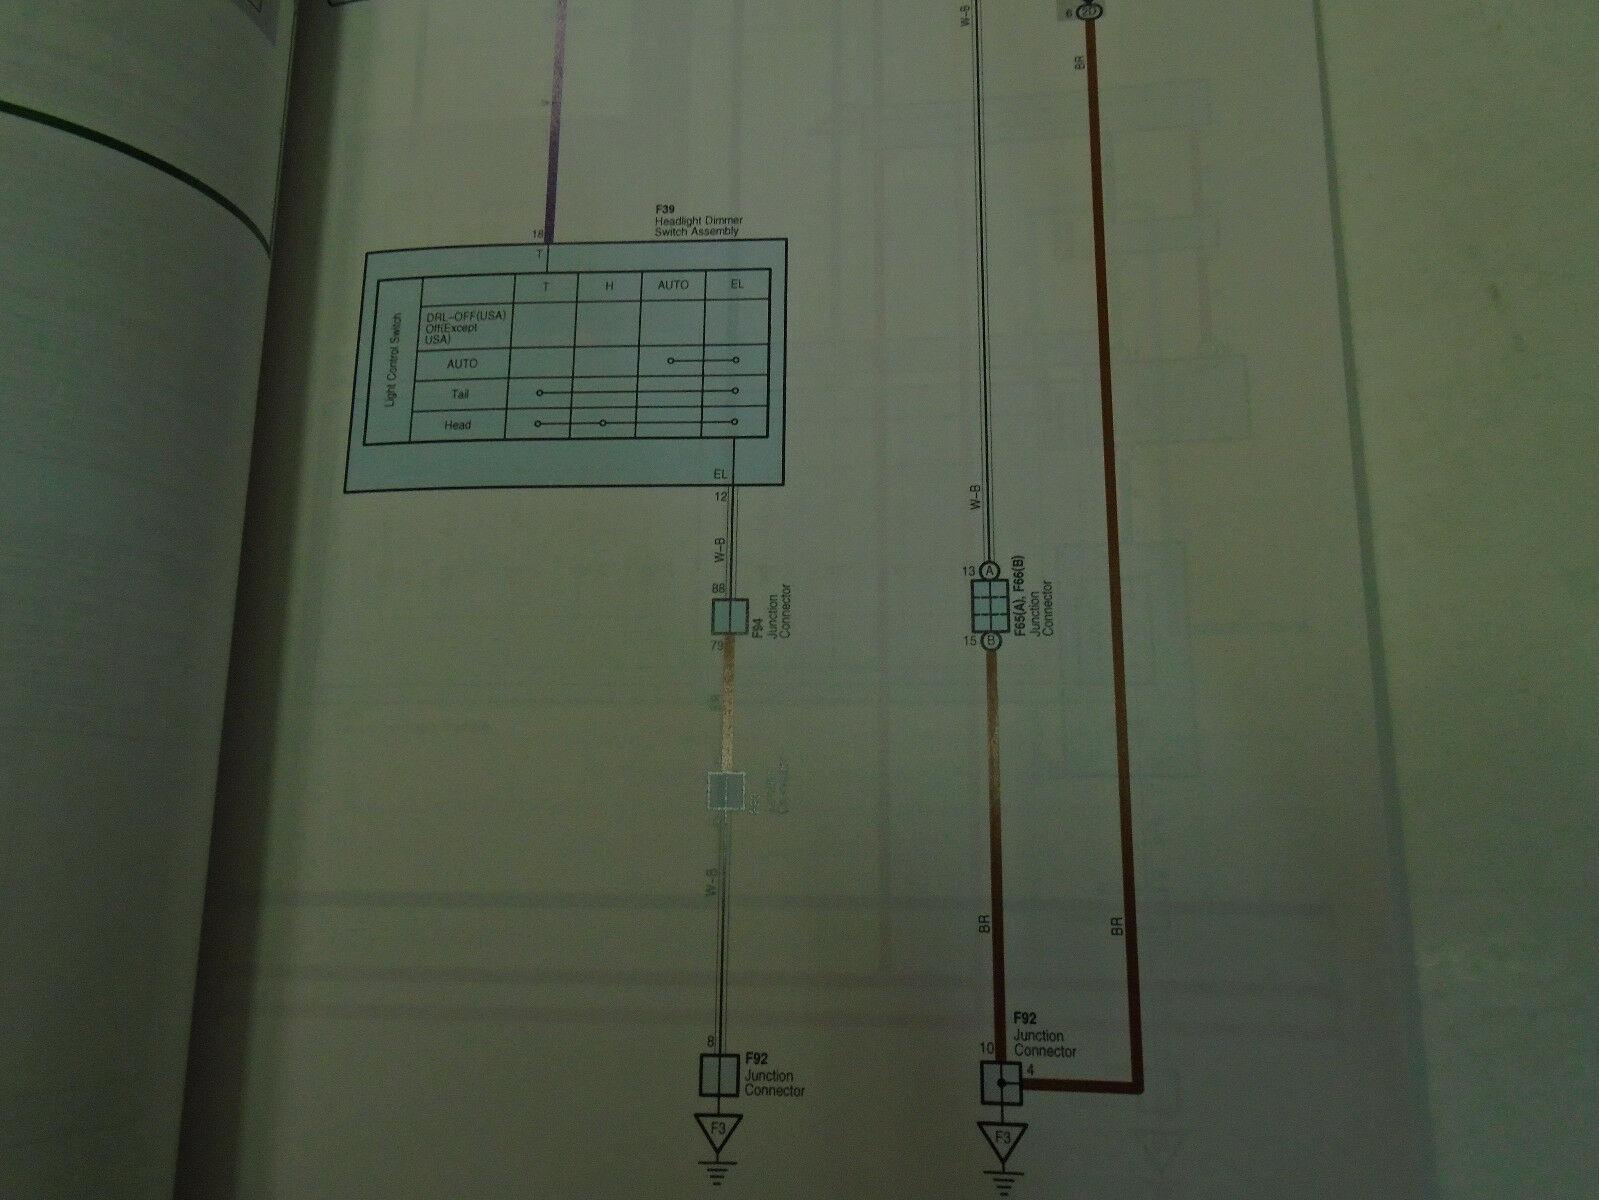 2011 Lexus RX350 Rx 350 Elektrisch Wiring Service Shop Reparatur Manuell Ewd image 3